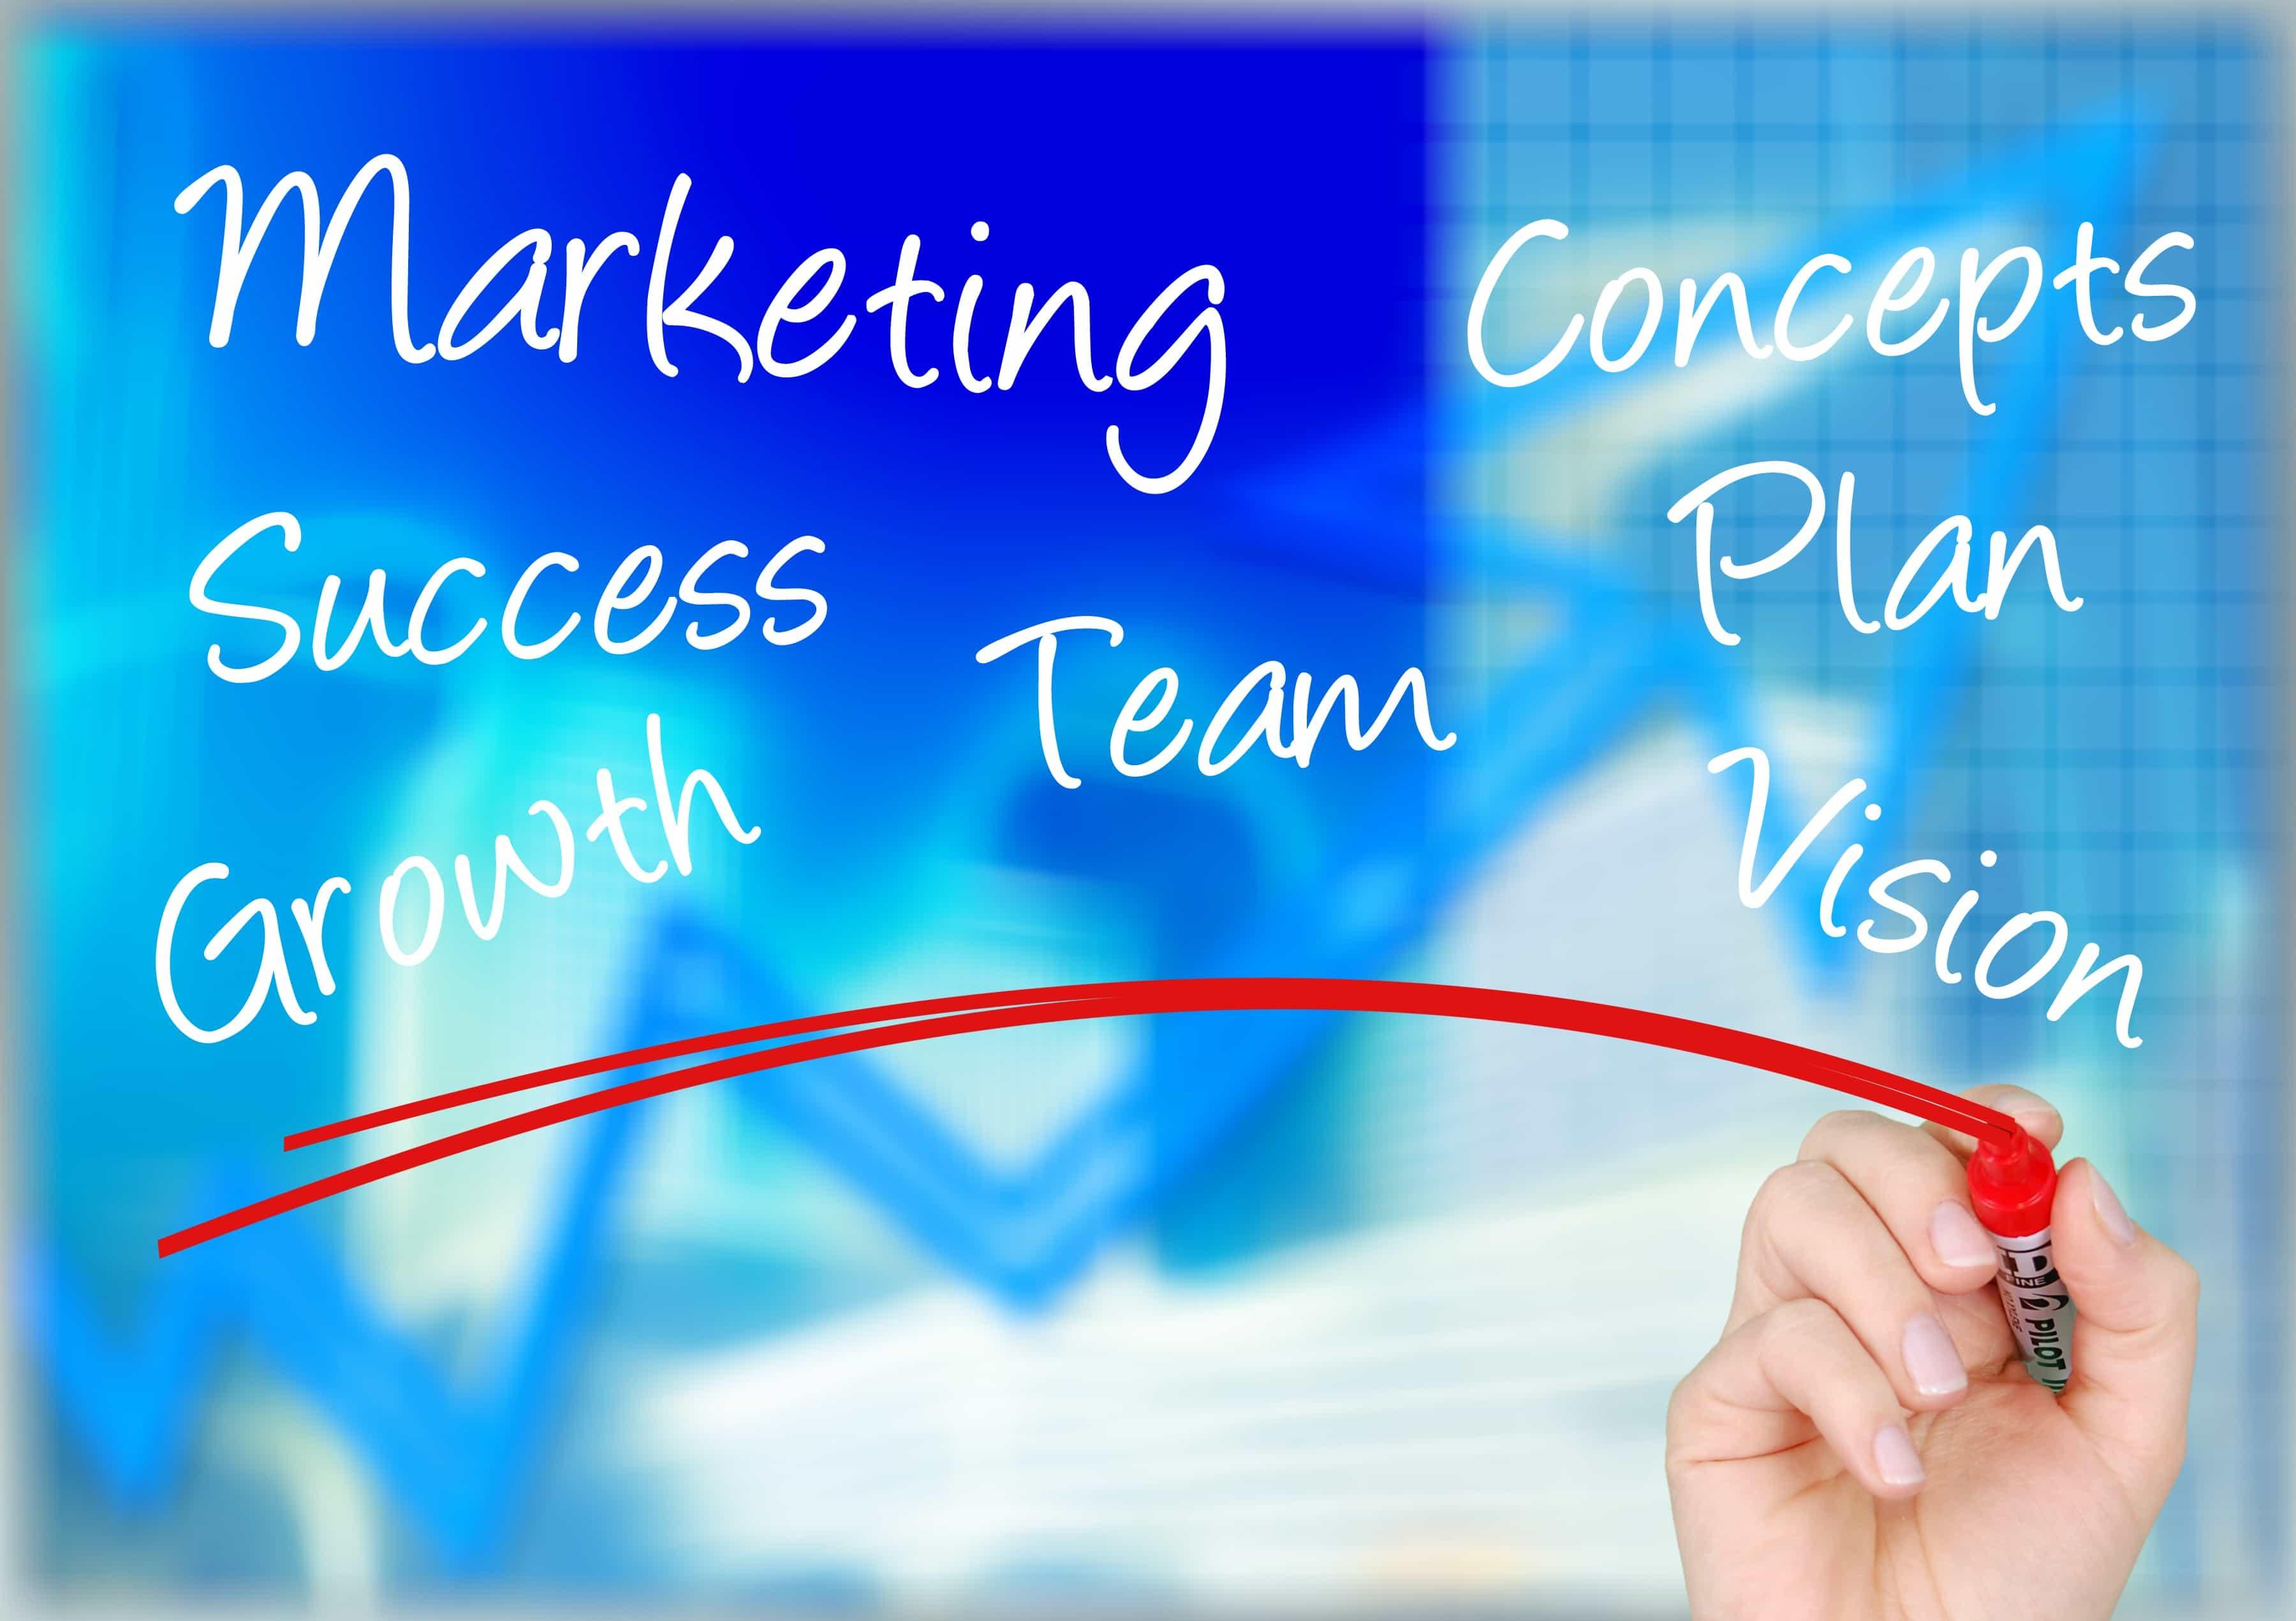 Empresas de Marketing en Barcelona. 4 mitos acerca del Marketing Inbound.